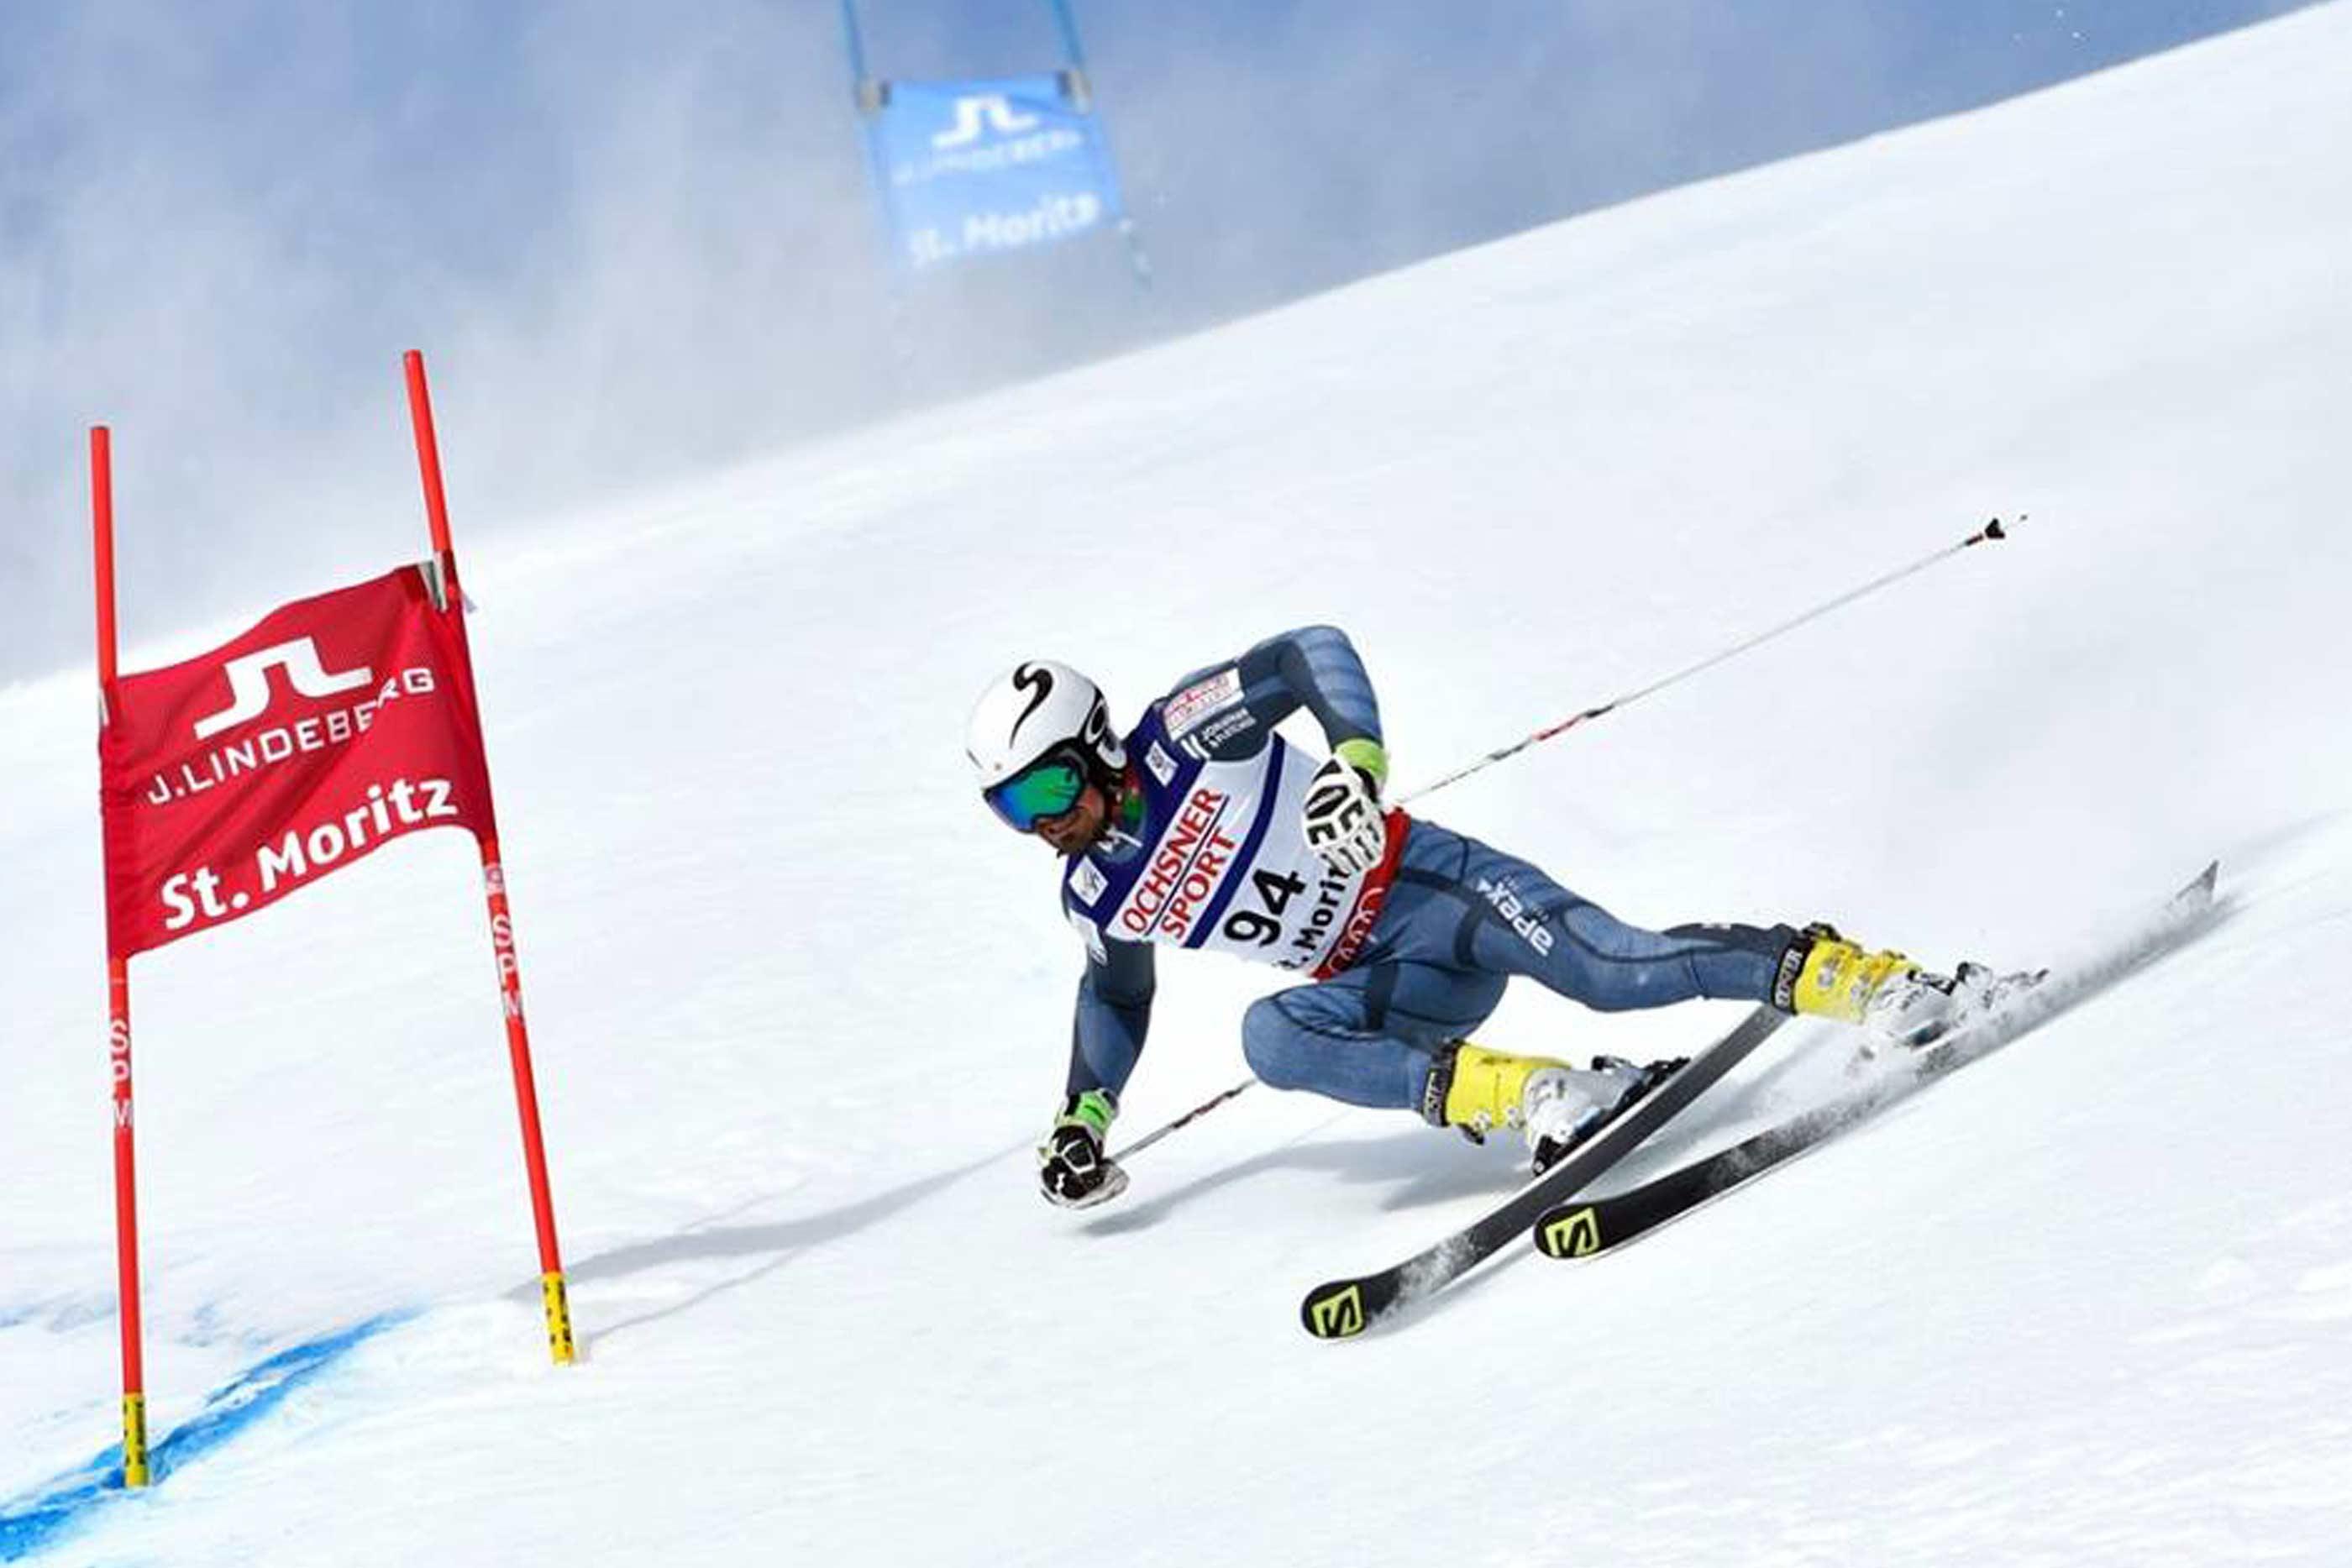 Atleta Arthur Hanse a descer a pista de esqui, na modalidade de Slalom Gigante (GS).